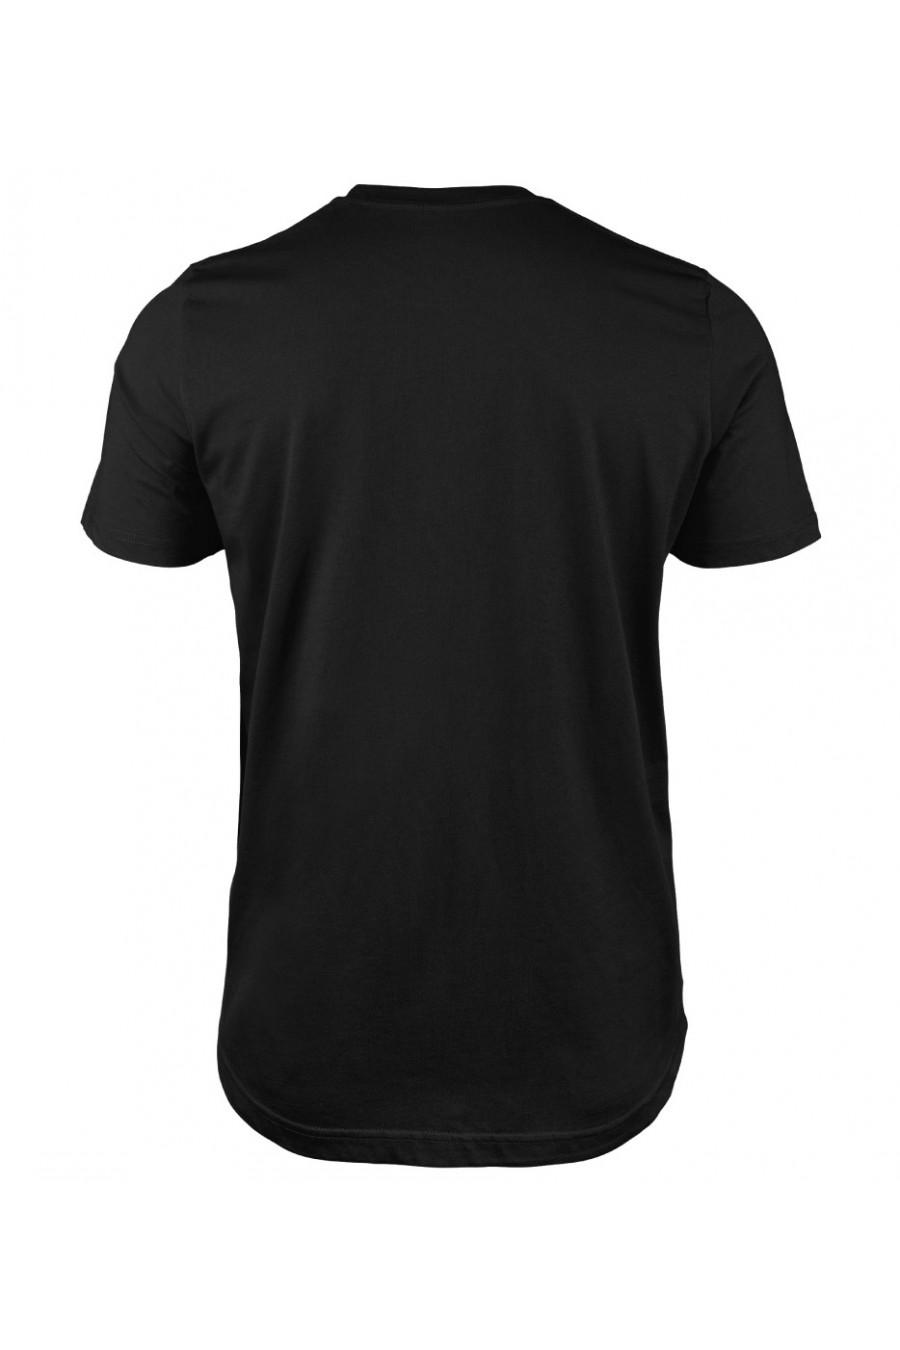 Koszulka Męska Polityczna Głosuję Na Mojego Kota